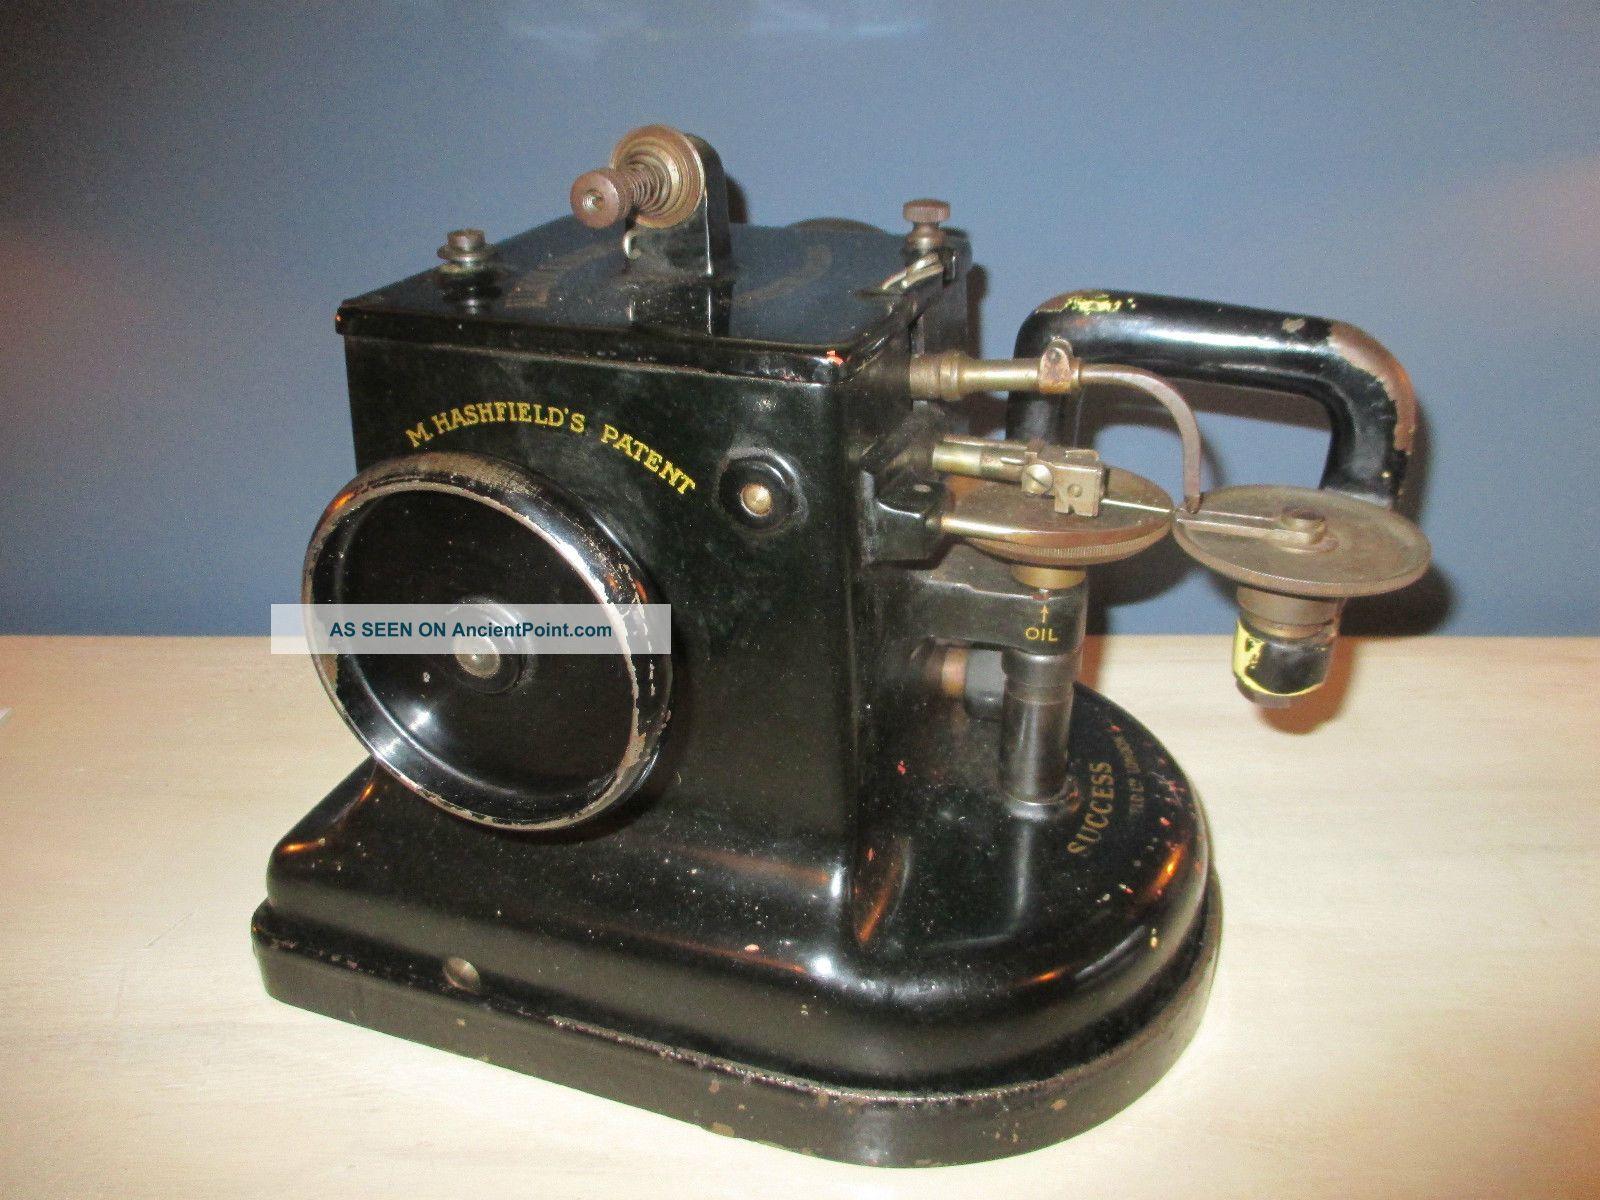 Vintage Allbook Hashfield Success Fur Industrial Sewing Machine Sewing Machines photo